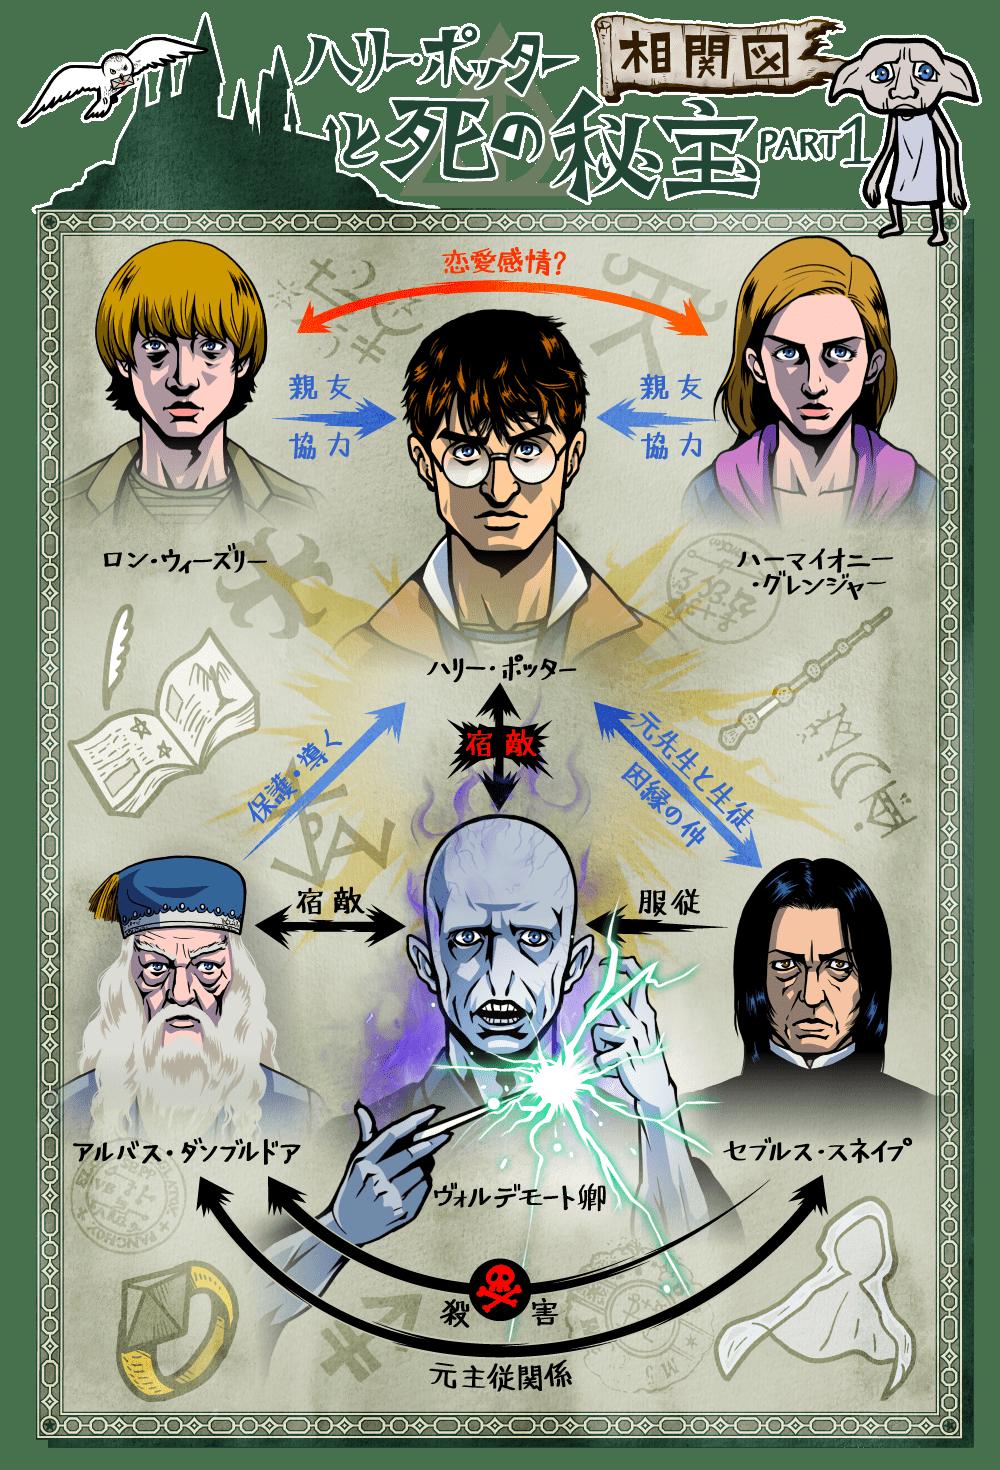 ハリー・ポッターと死の秘宝 PART1の人物相関図